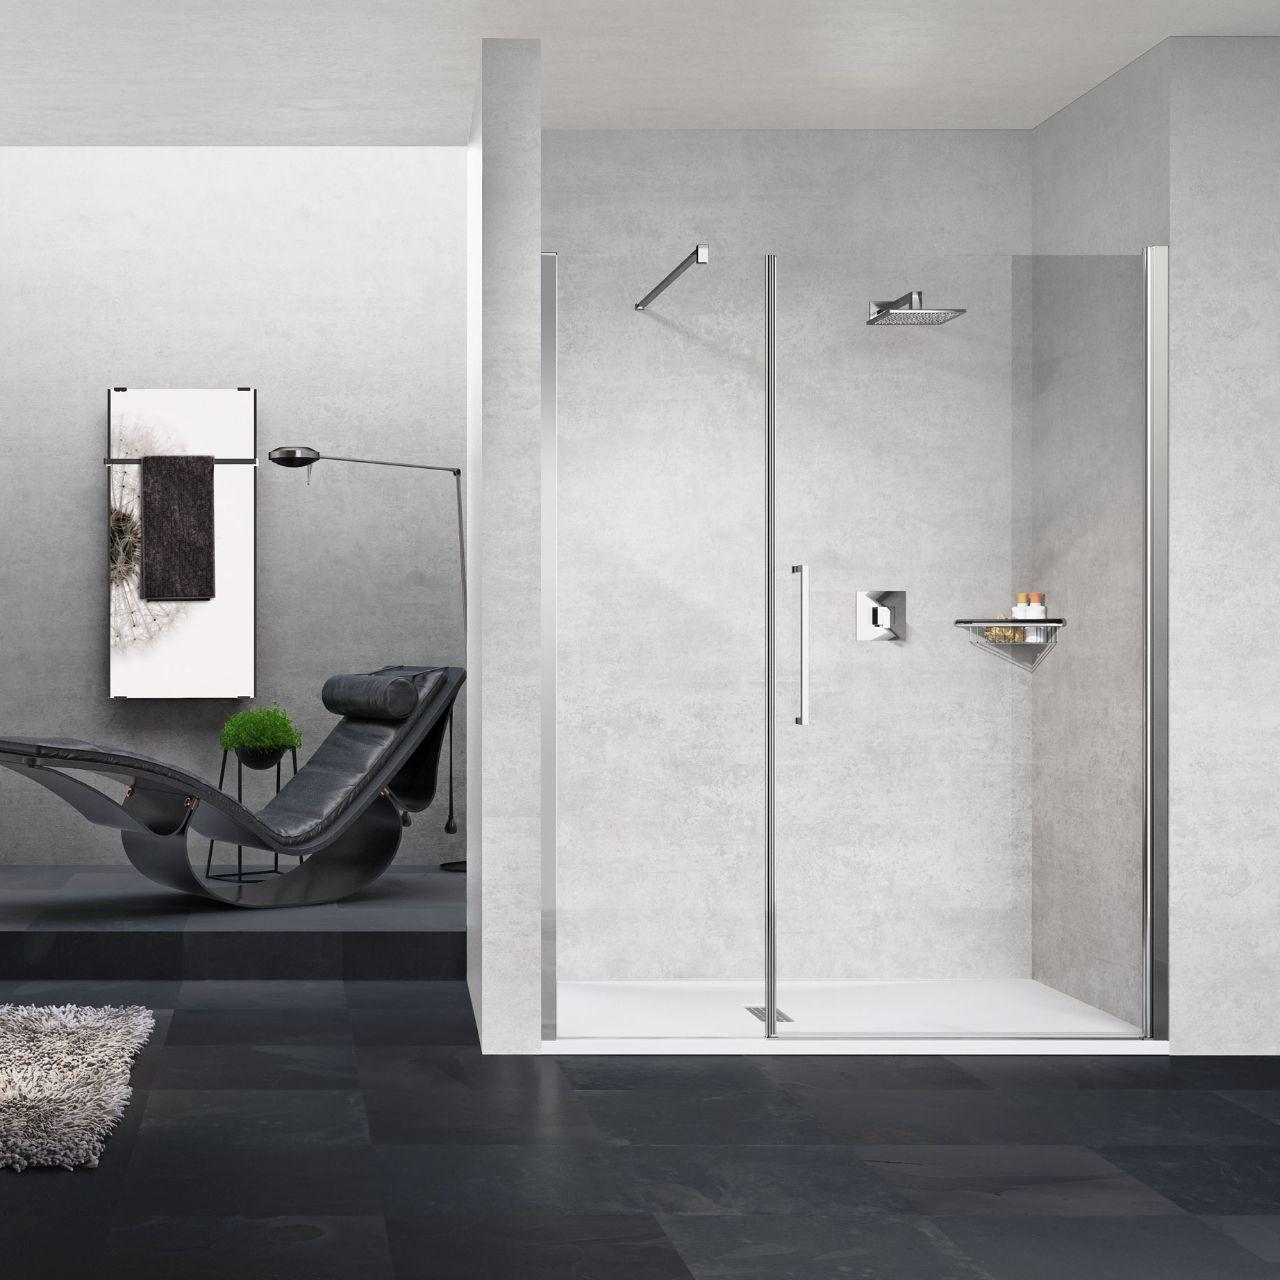 parois de douche young 2 0 g f en alignement novellini. Black Bedroom Furniture Sets. Home Design Ideas